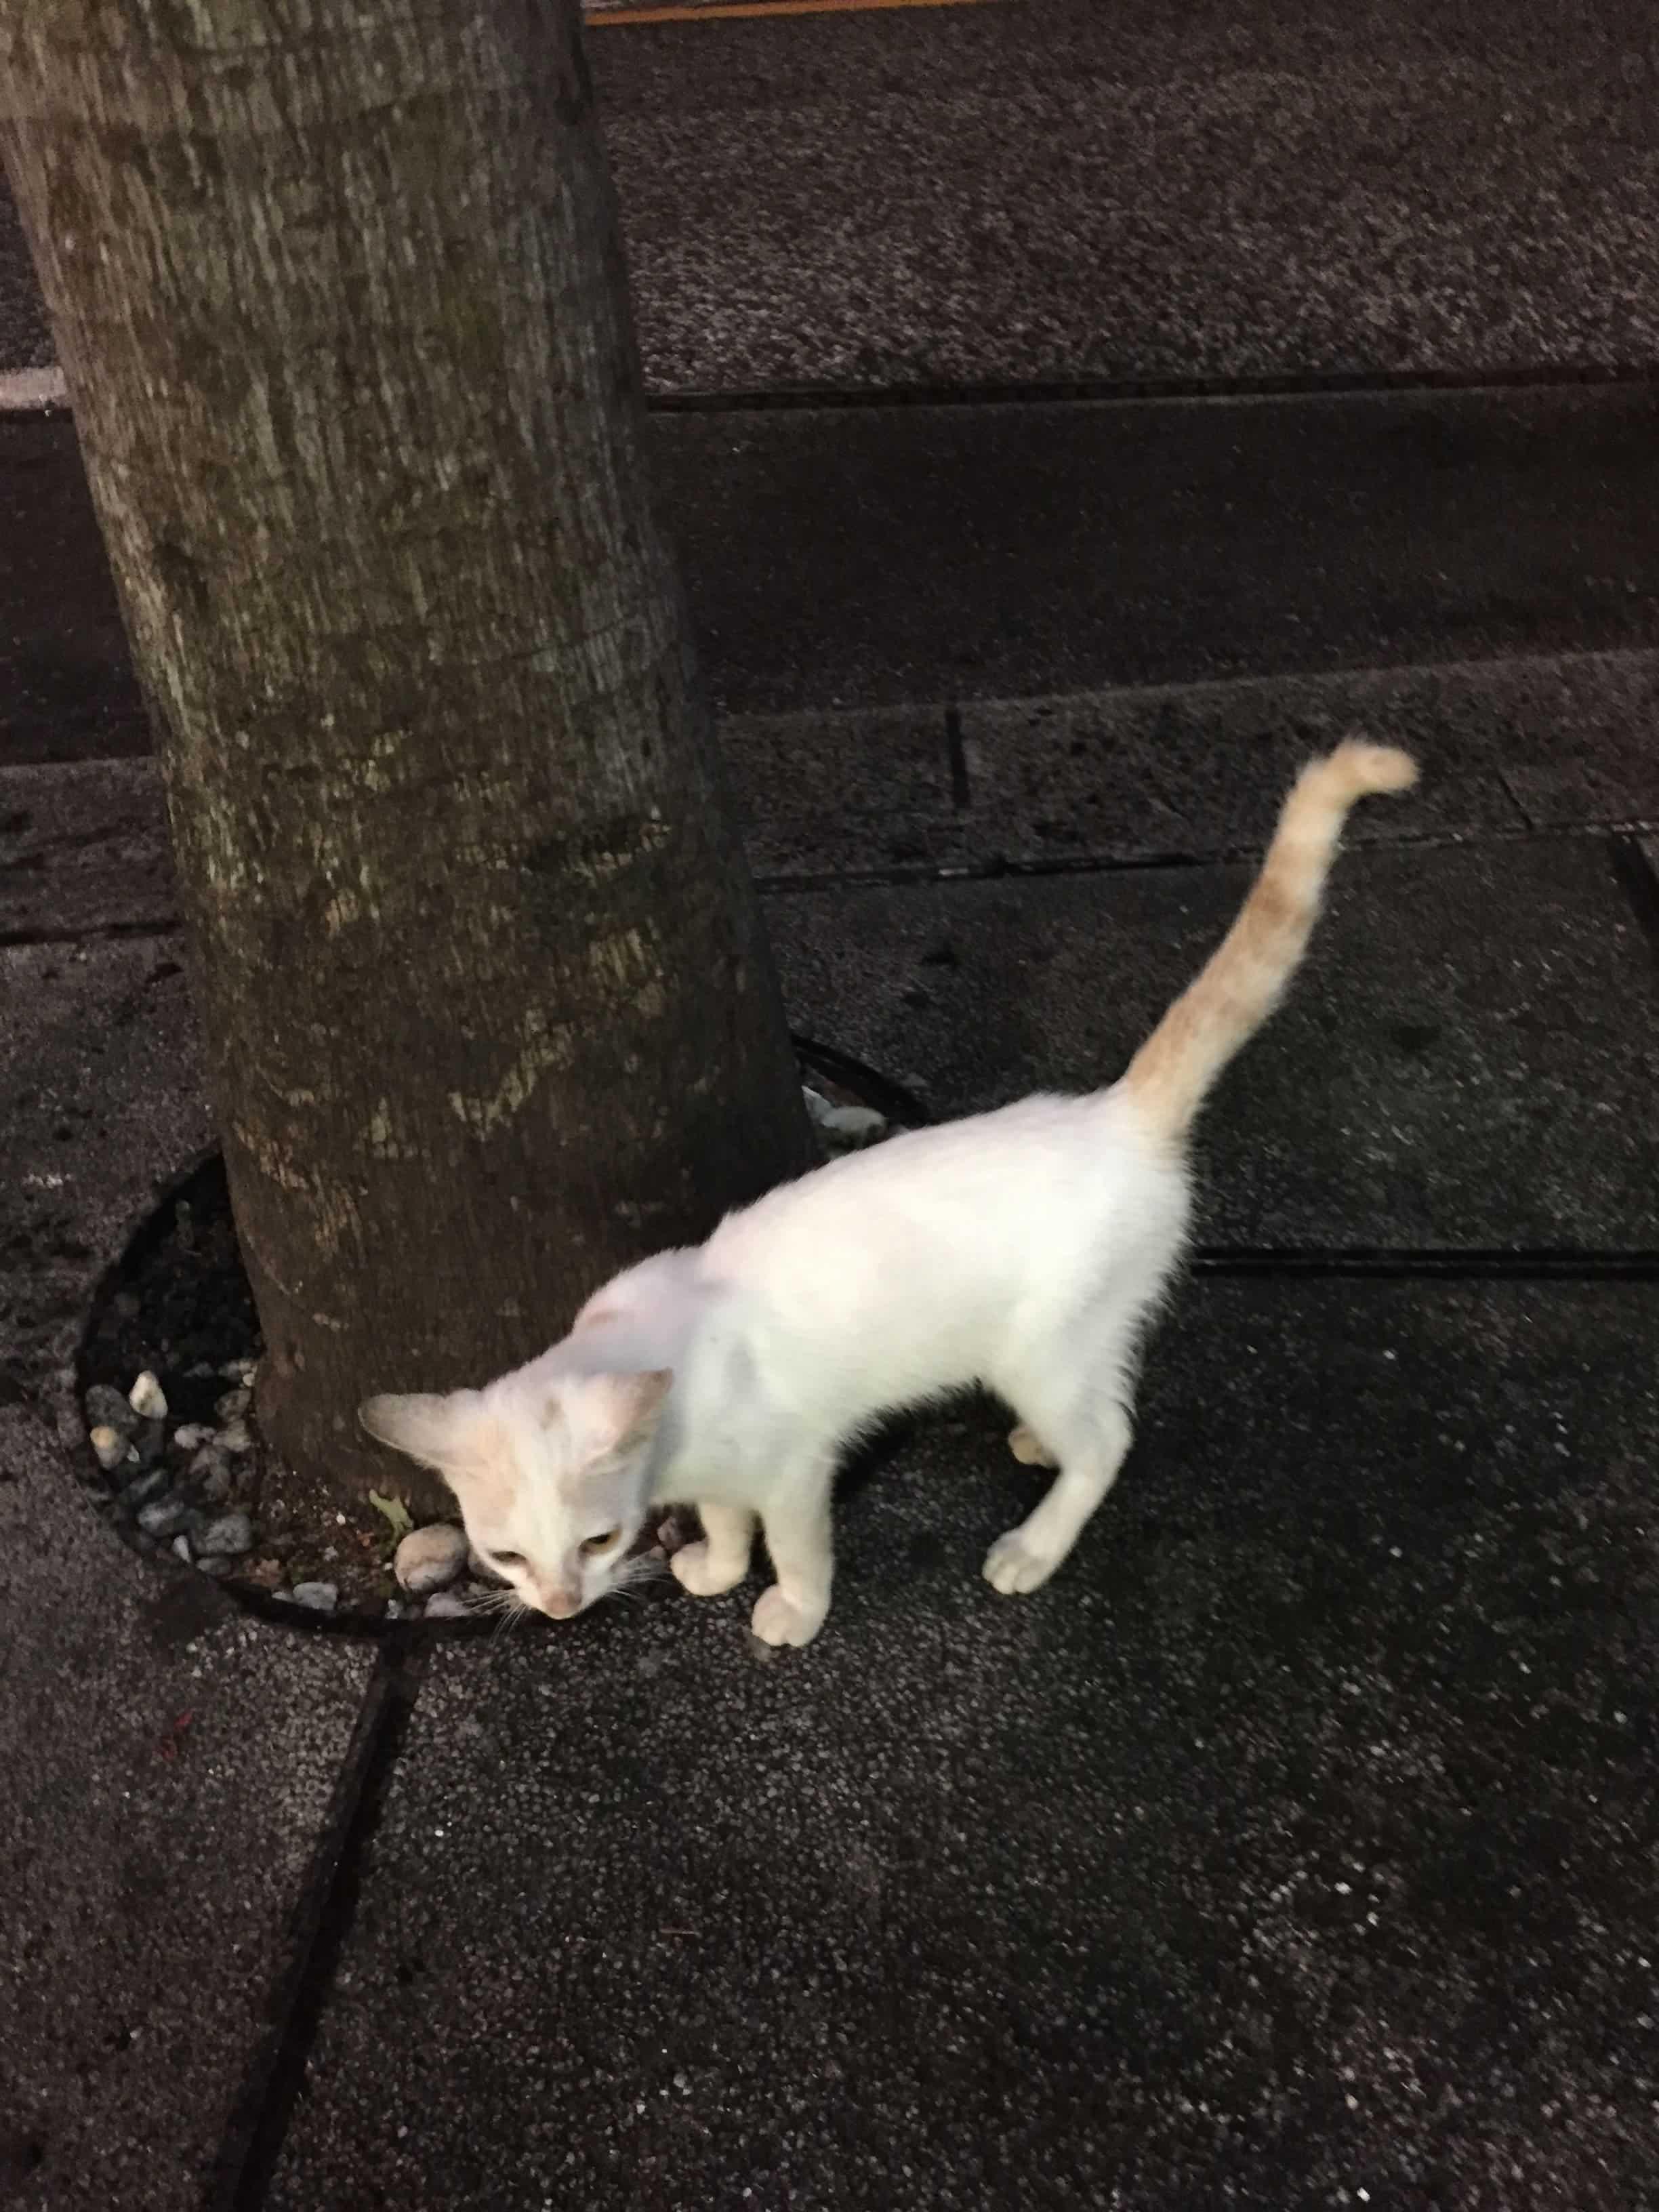 沖繩的貓咪 的封面圖片